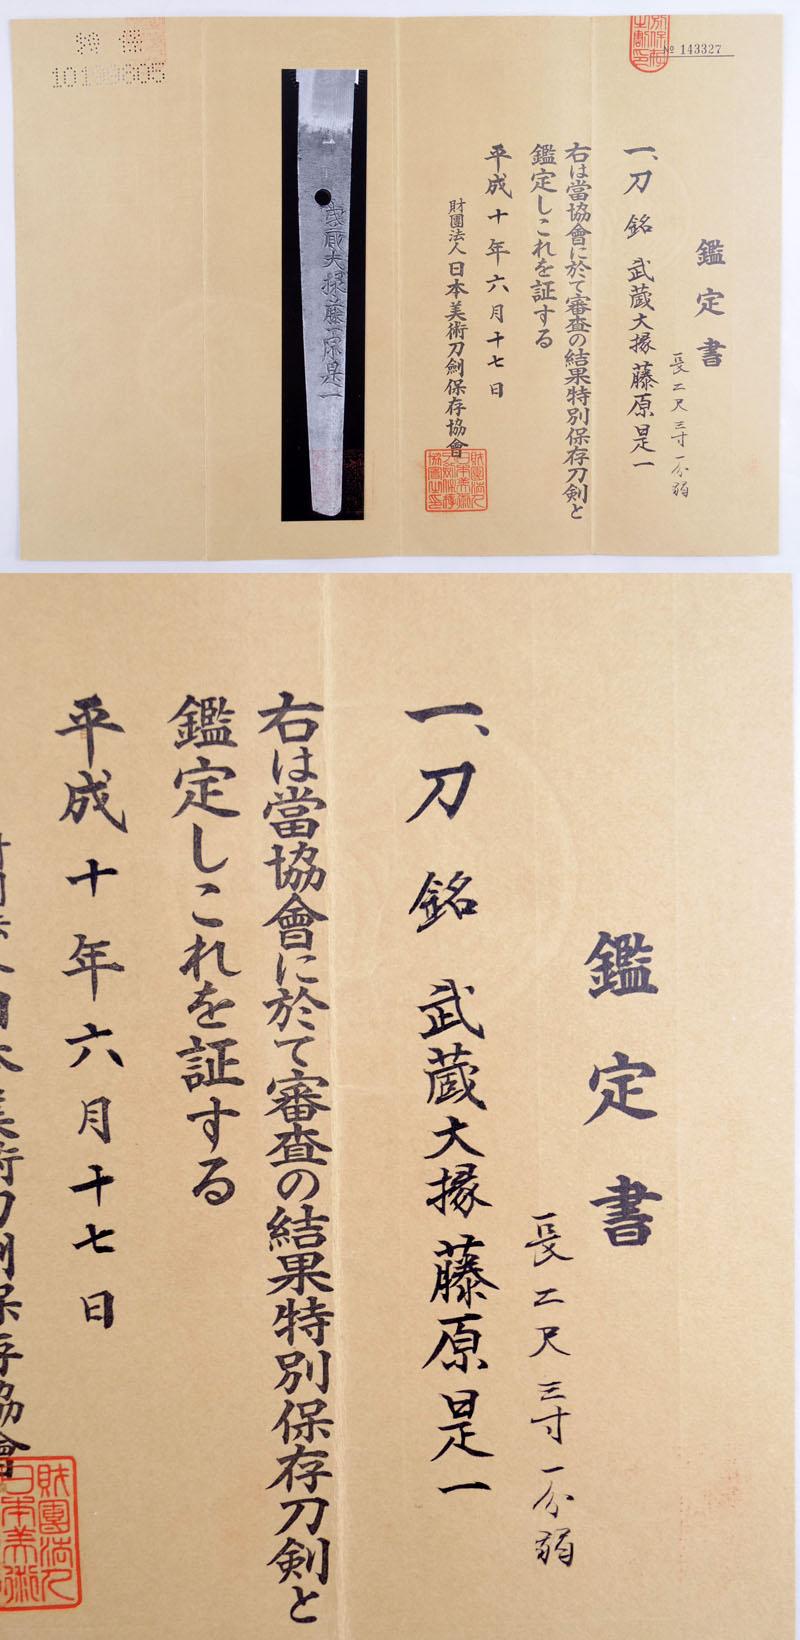 武蔵大掾藤原是1(初代) Picture of Certificate